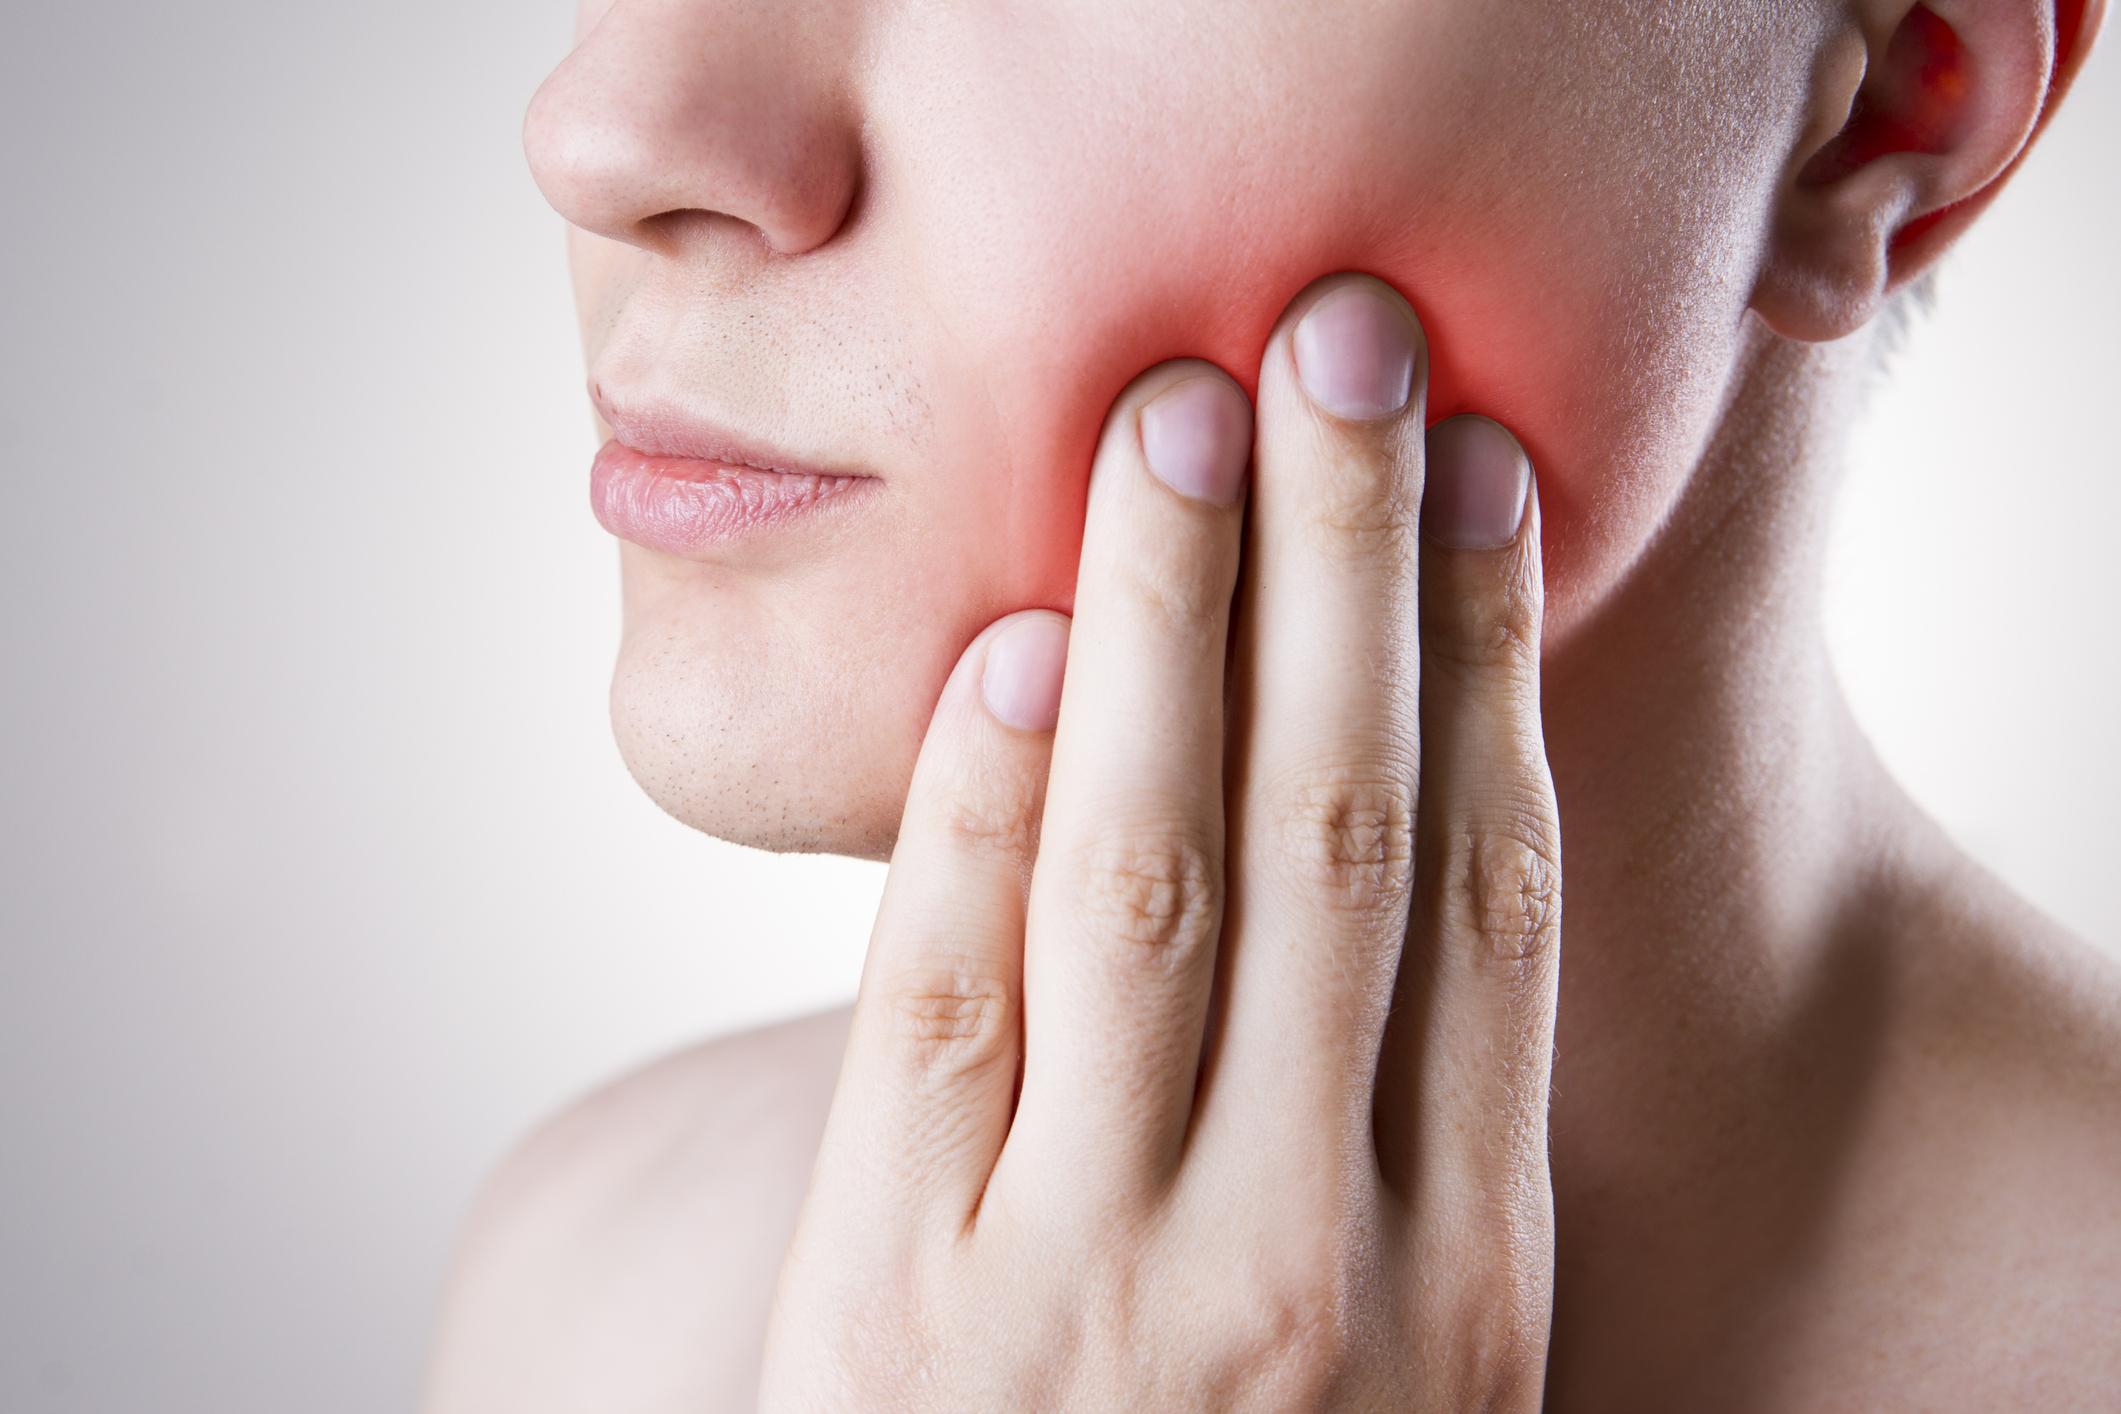 歯周病予防には殺菌成分クロルヘキシジンが有効